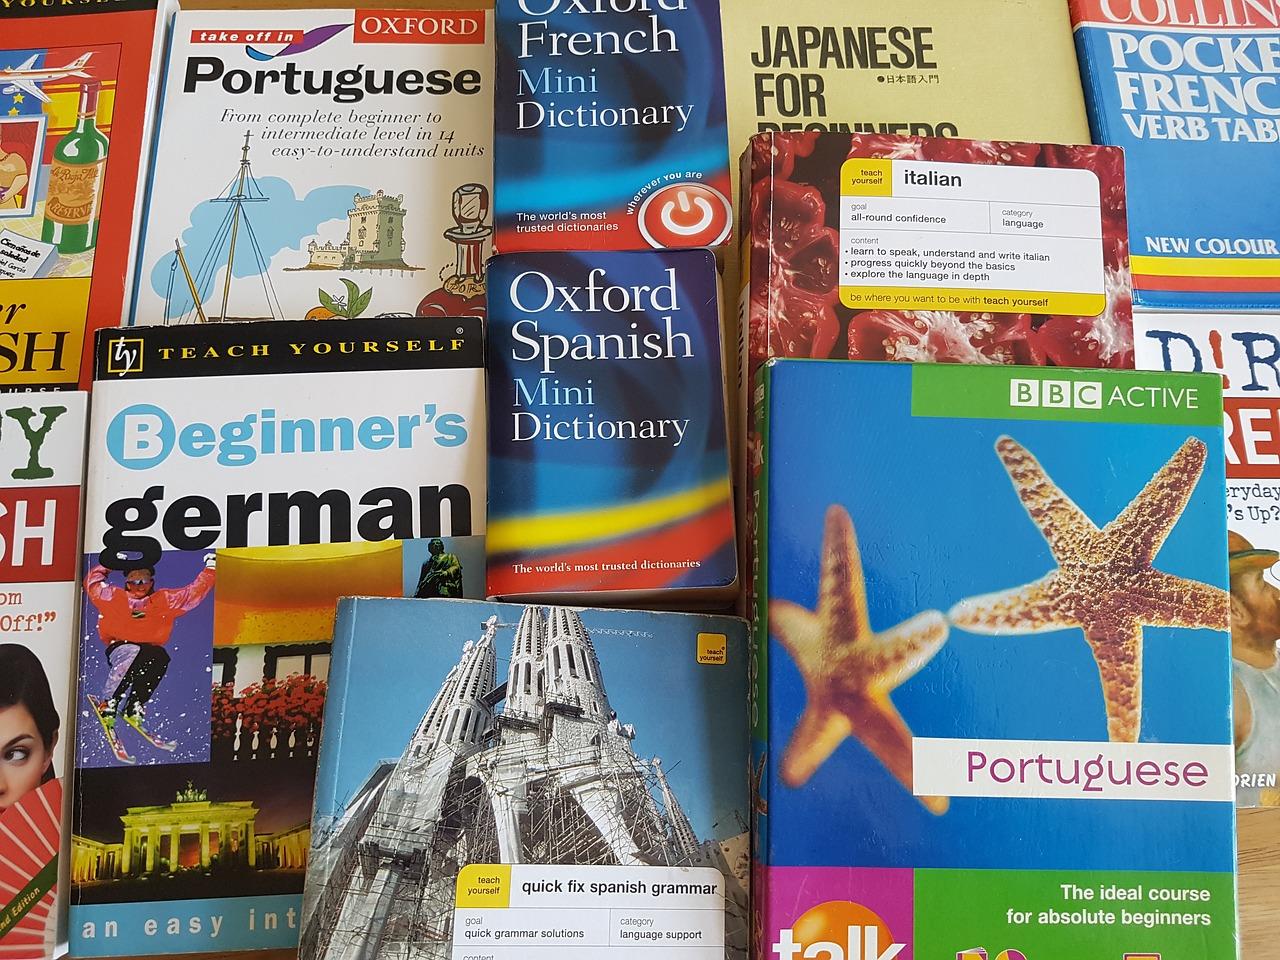 Sprachenlernen öffnet Türen in neue Welten